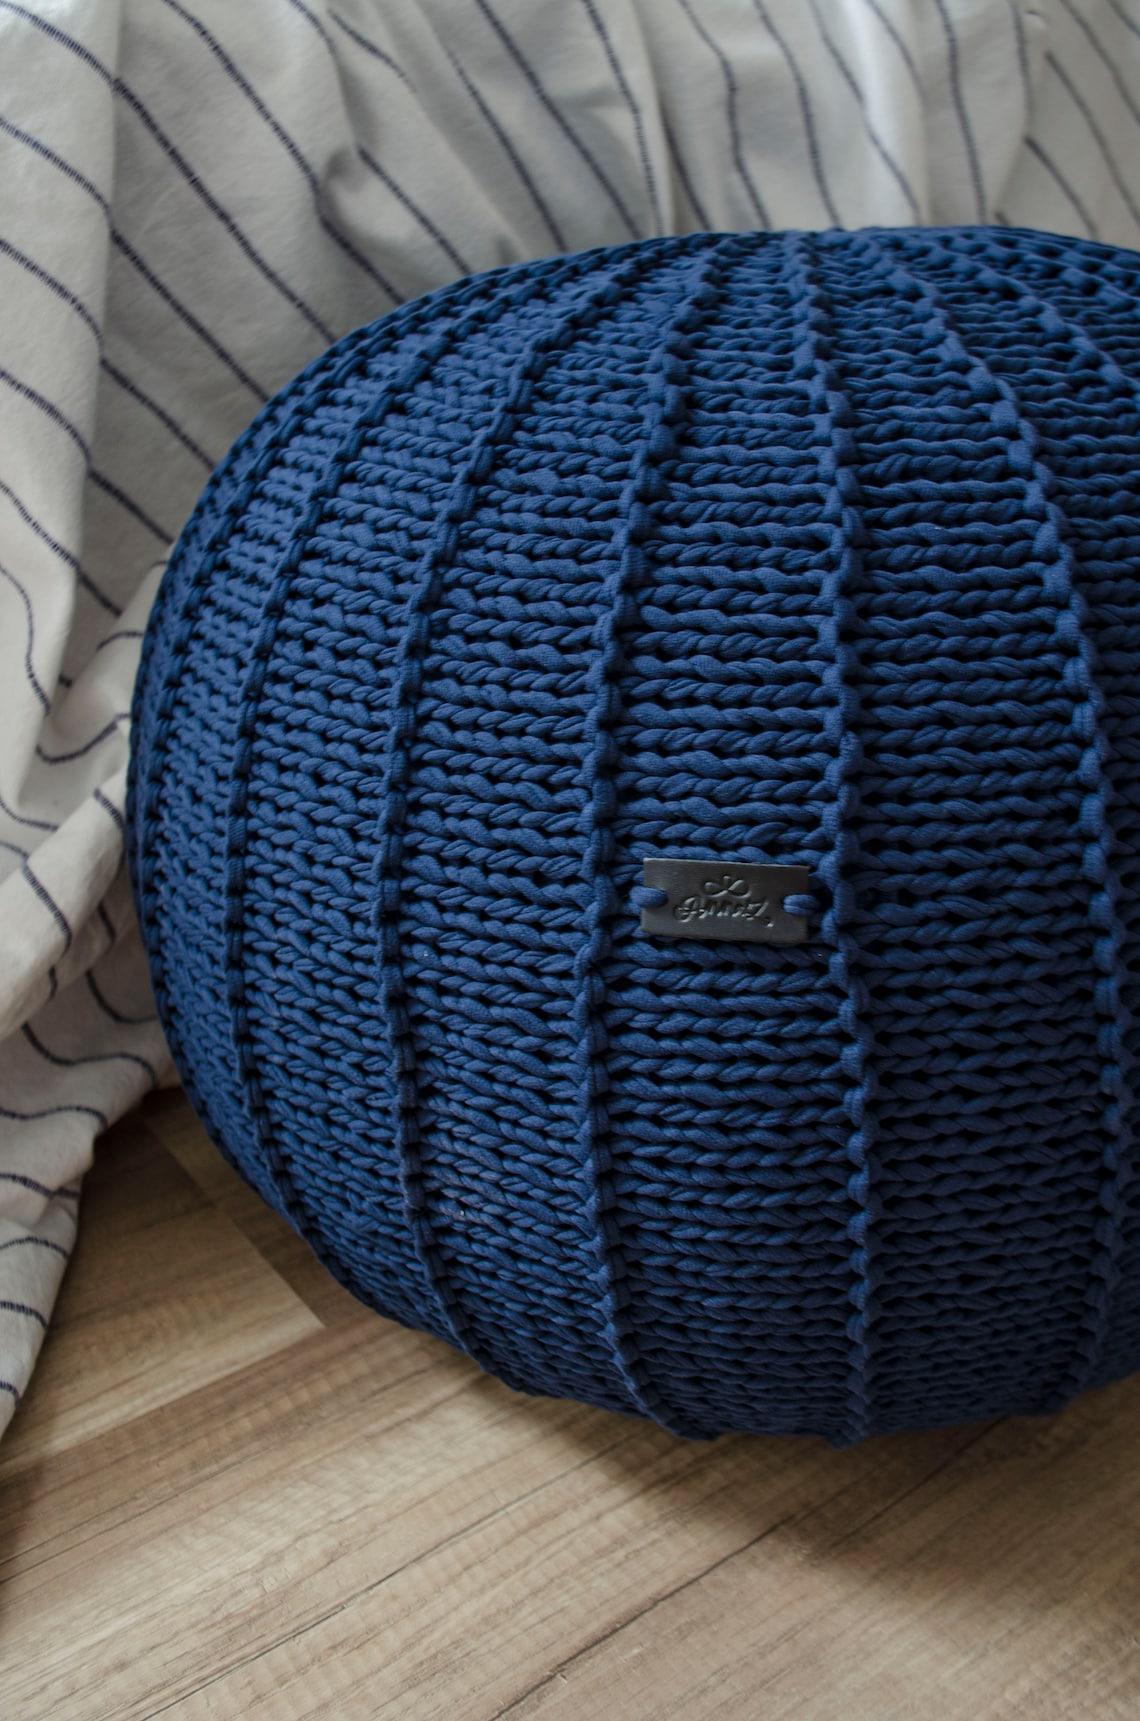 Navy blue chunky knit pouf, Footstool Pouf ottoman Knitted pouf Cotton pouf